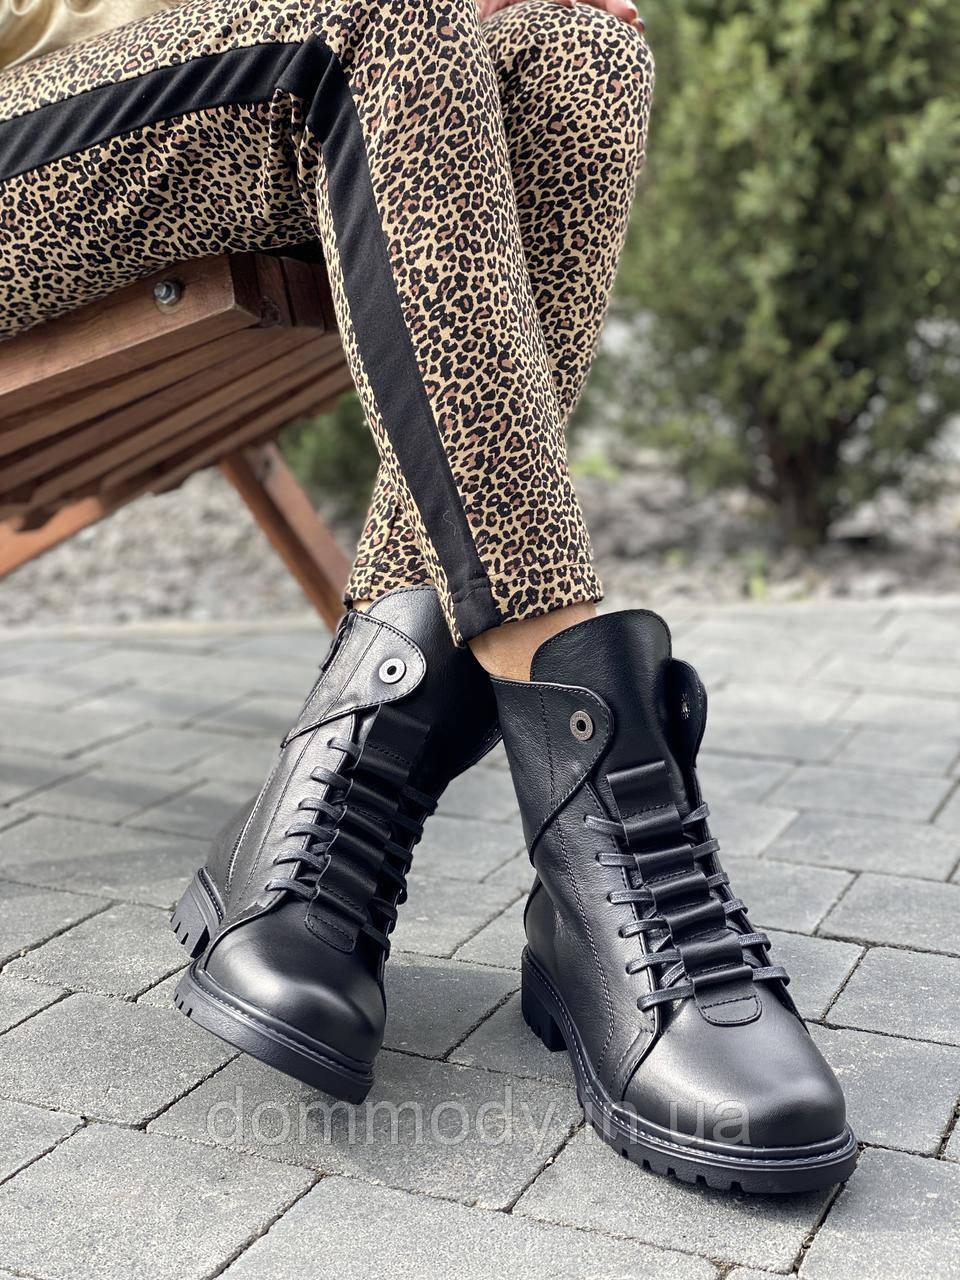 Ботинки женские черного цвета зимние